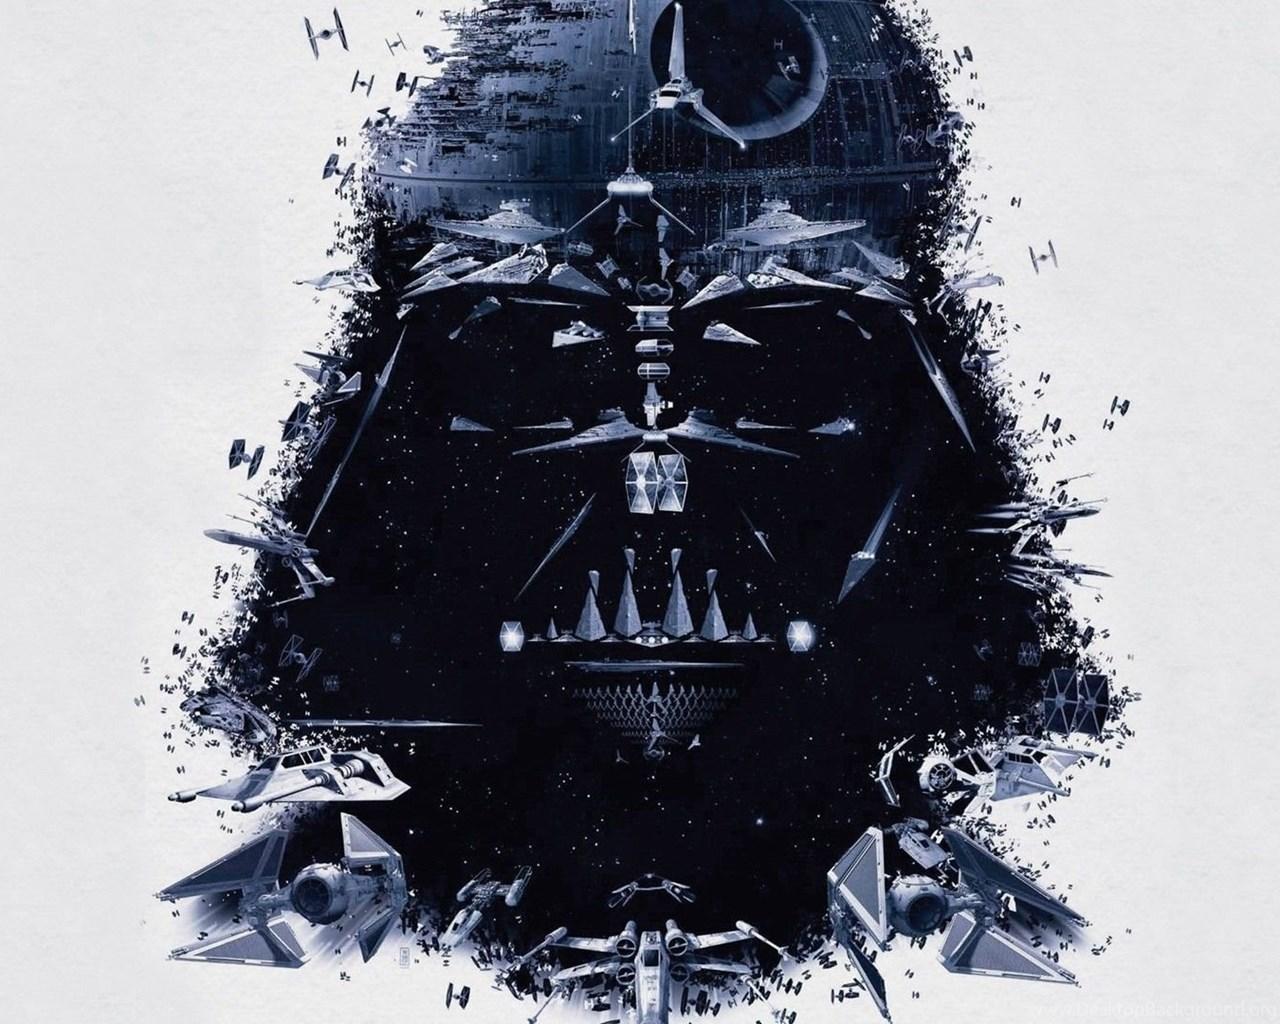 Darth Vader Wallpapers Cool Images Desktop Background 1280x1024